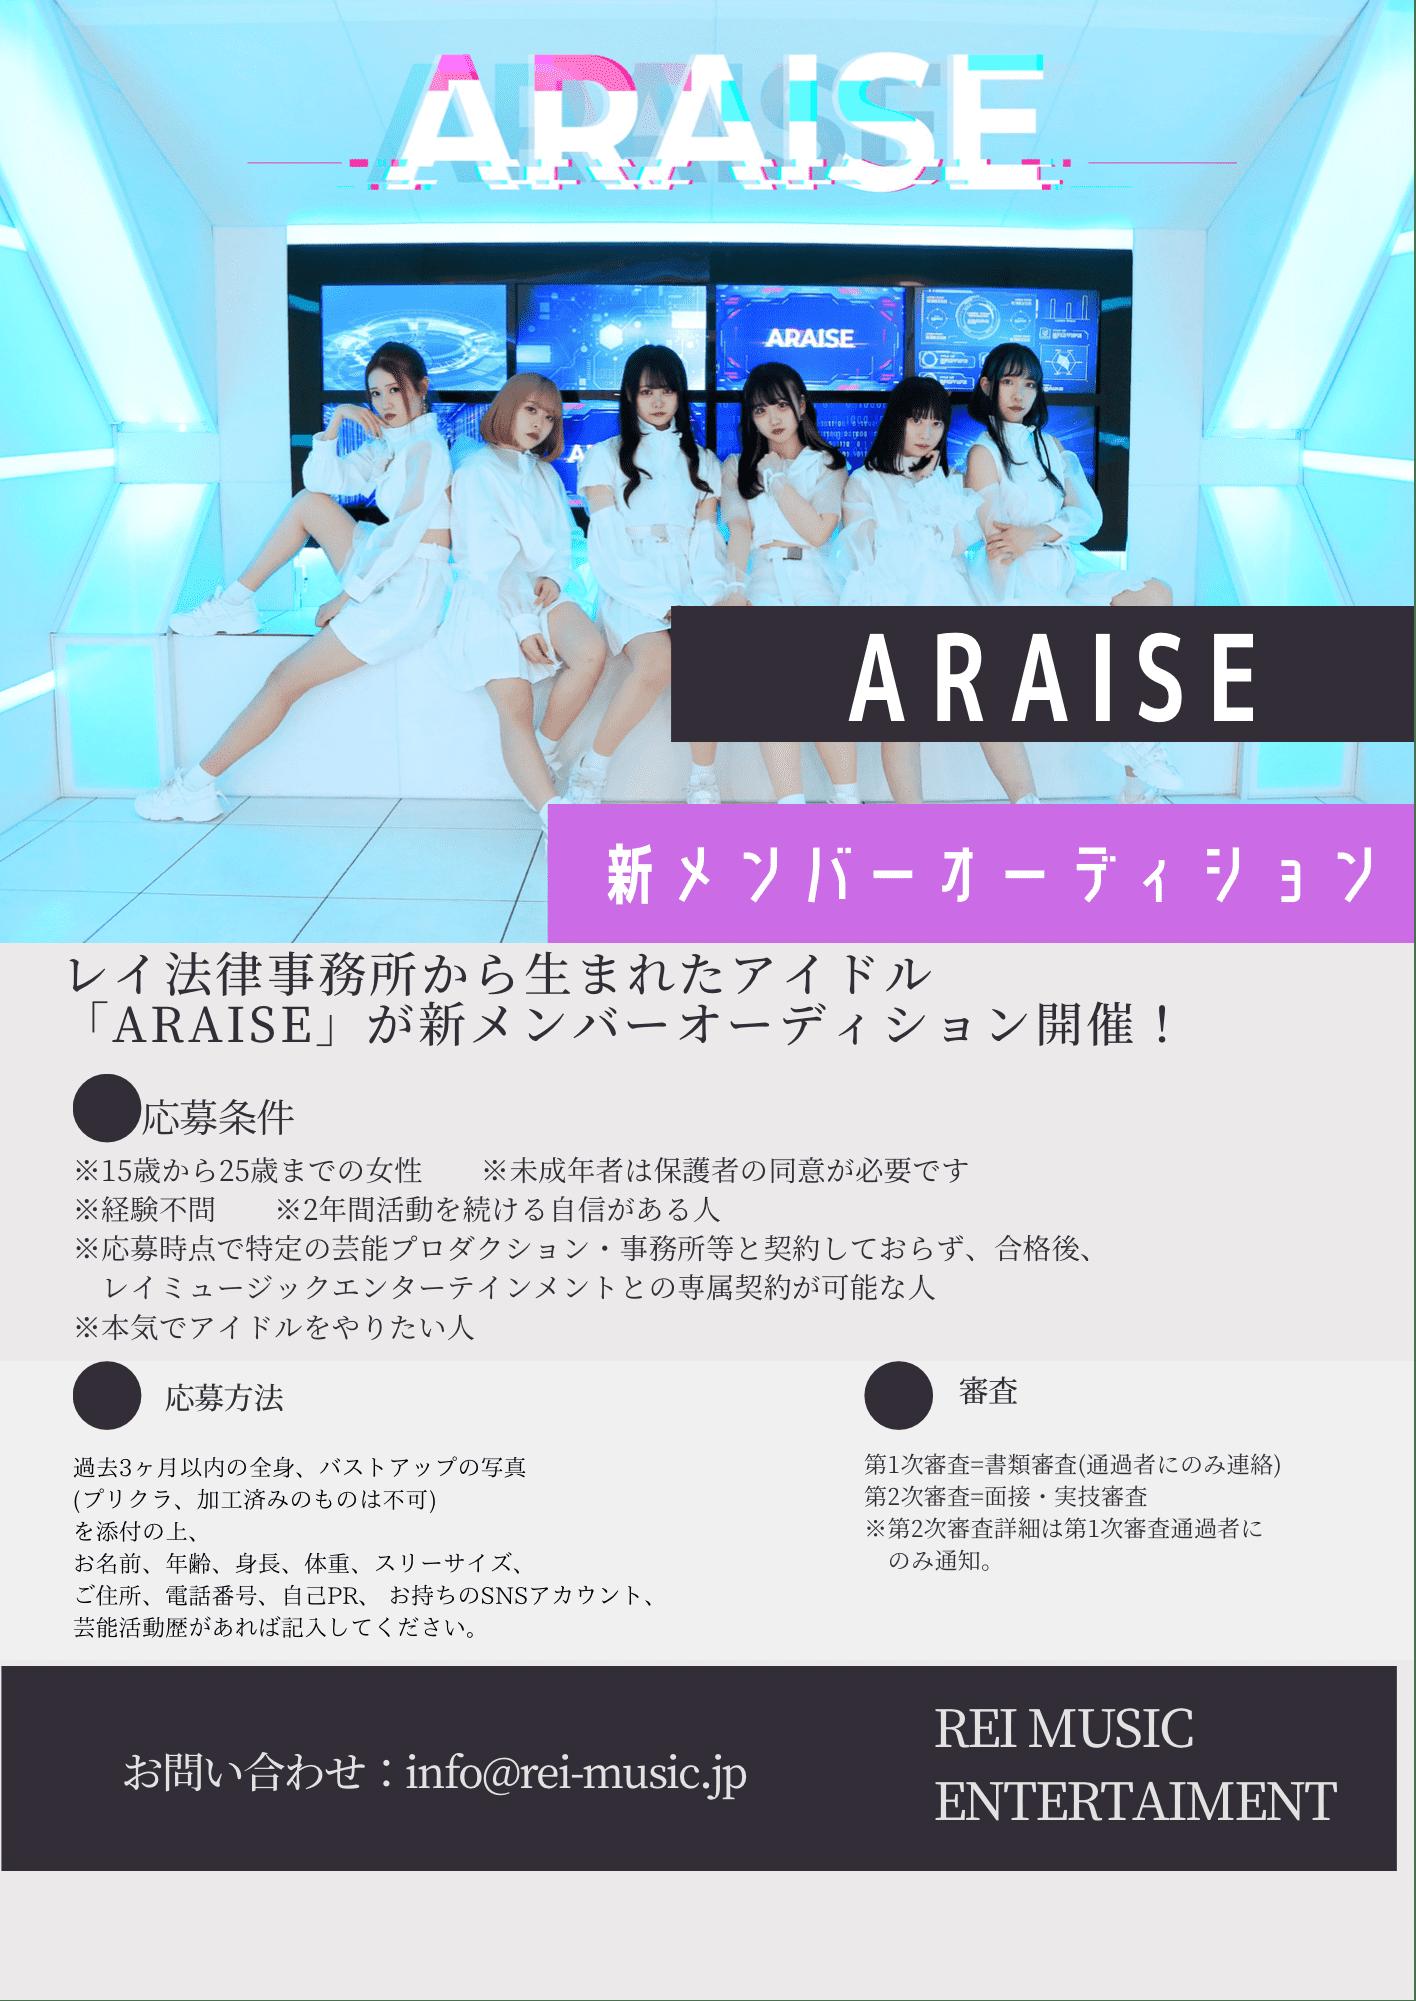 オーディション 「ARAISE」新メンバーオーディション 主催:REI MUSIC ENTERTAINMENT、カテゴリ:アイドル(楽曲派)